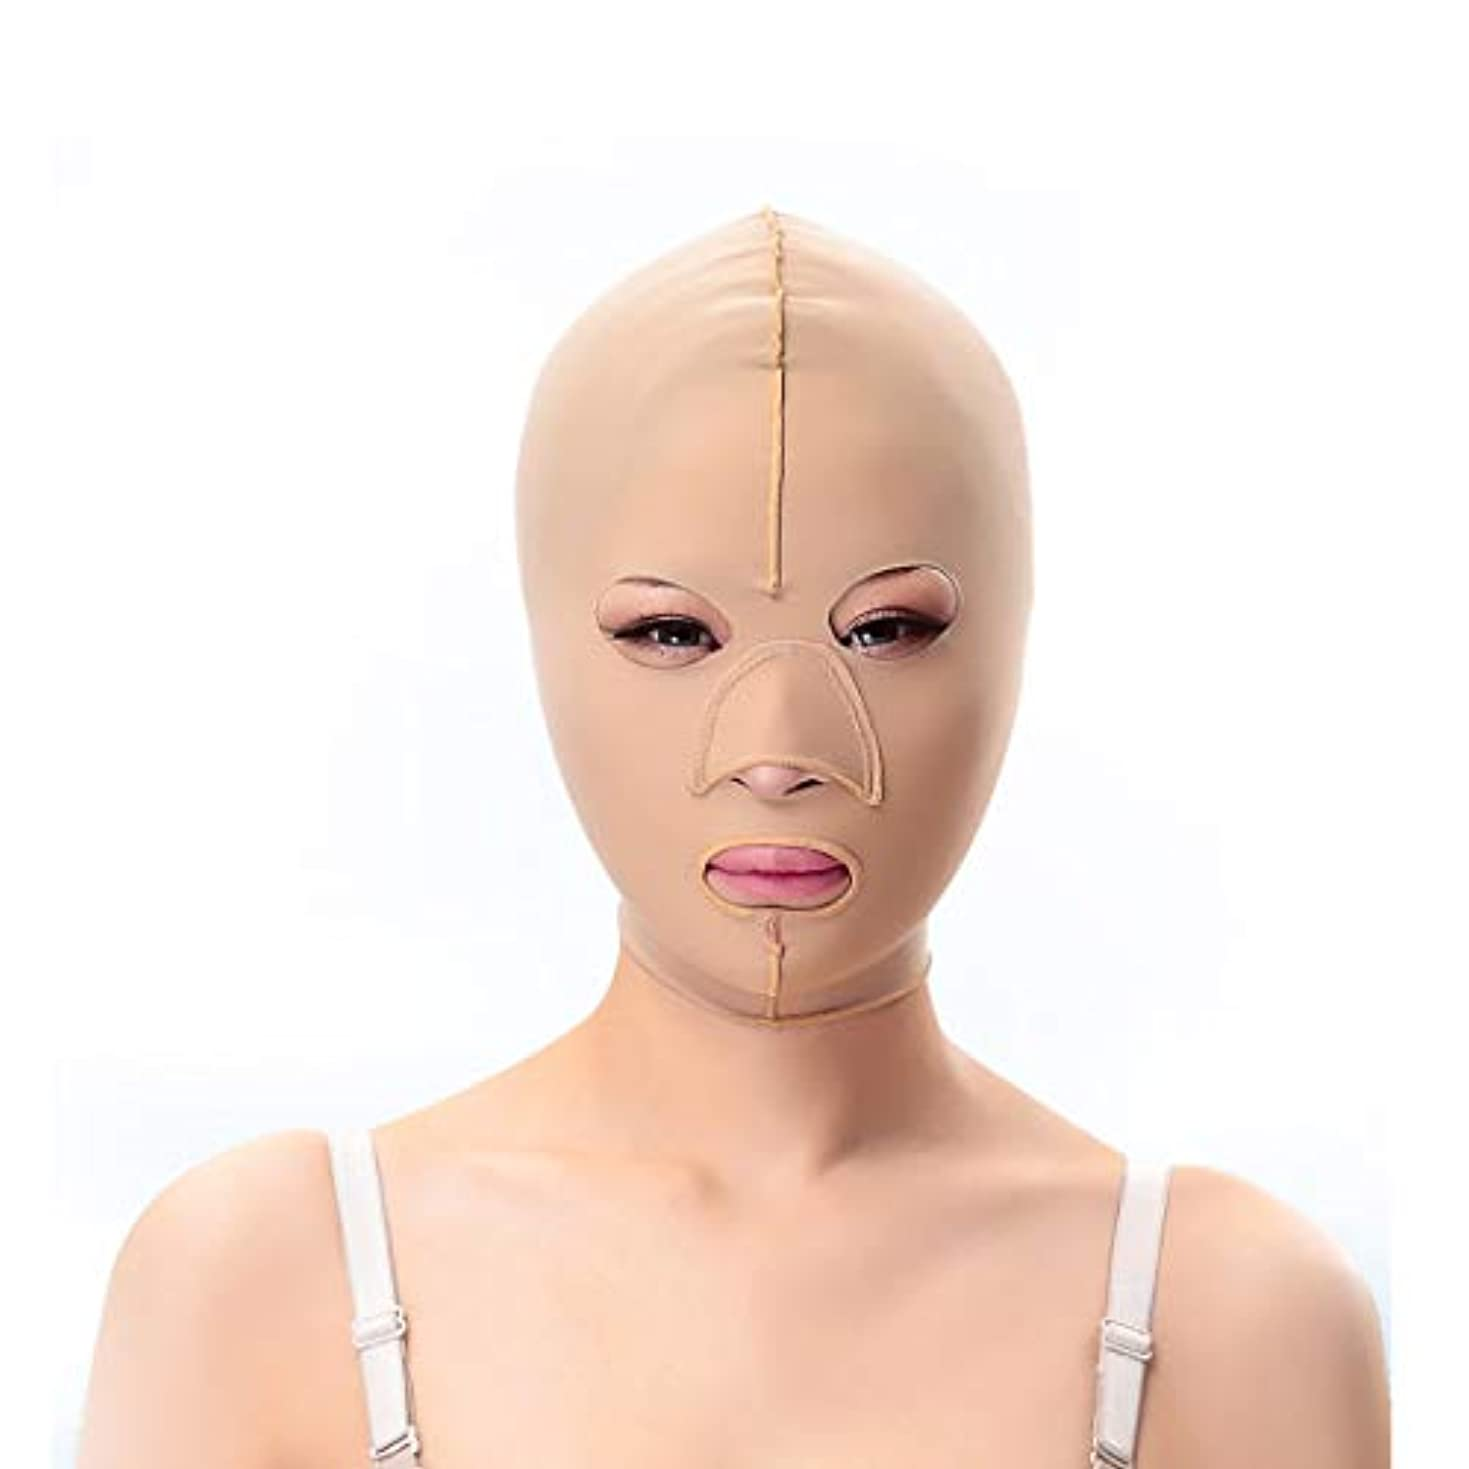 きらめき座標ブルゴーニュTLMY 減量ベルトマスクフェイスマスク神聖なパターンリフト二重あご引き締め顔面プラスチック顔面アーティファクト強力な顔面包帯 顔用整形マスク (Size : S)